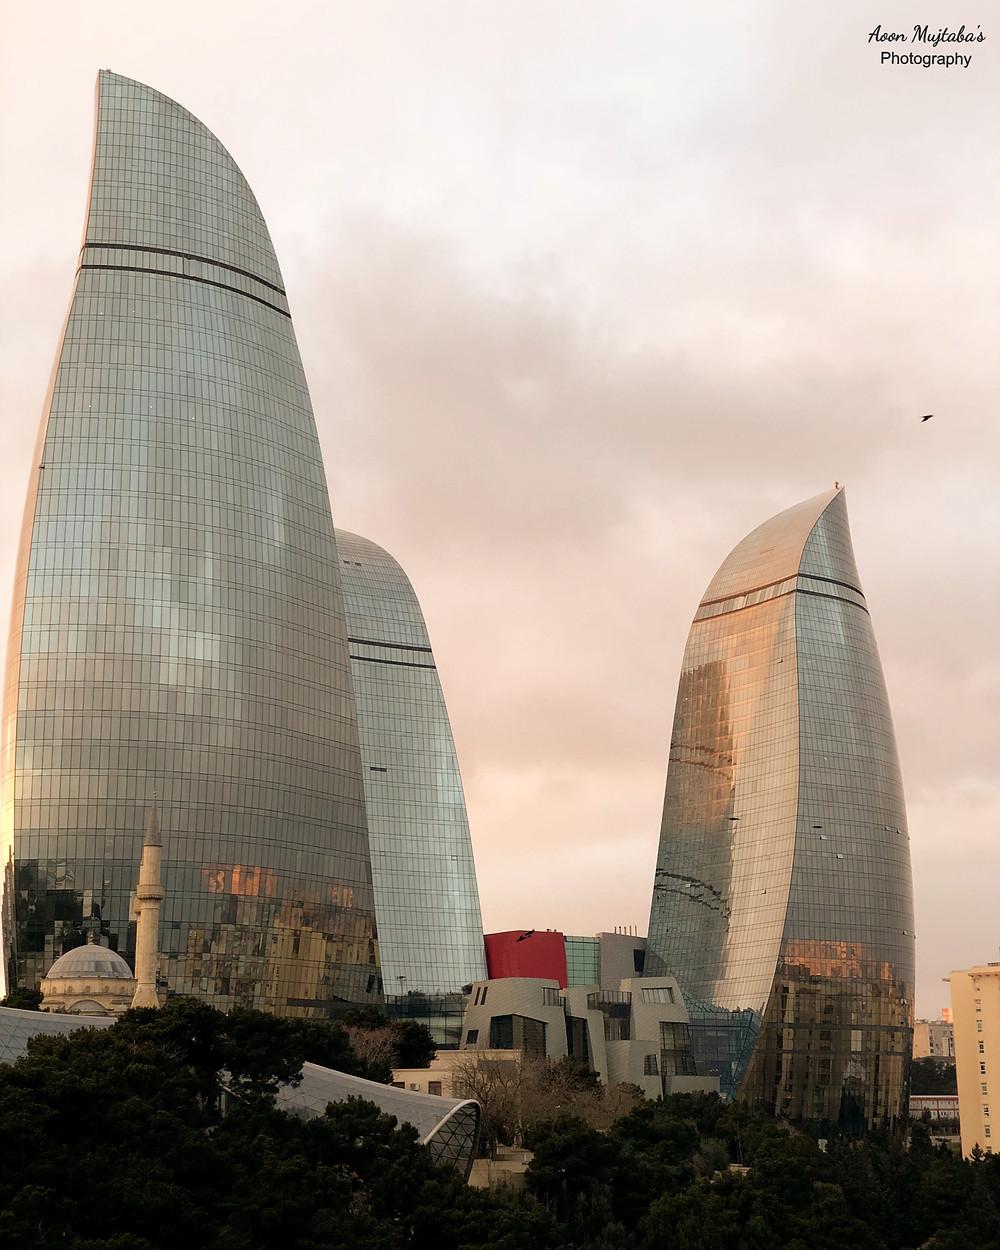 Flame Tower, Baku